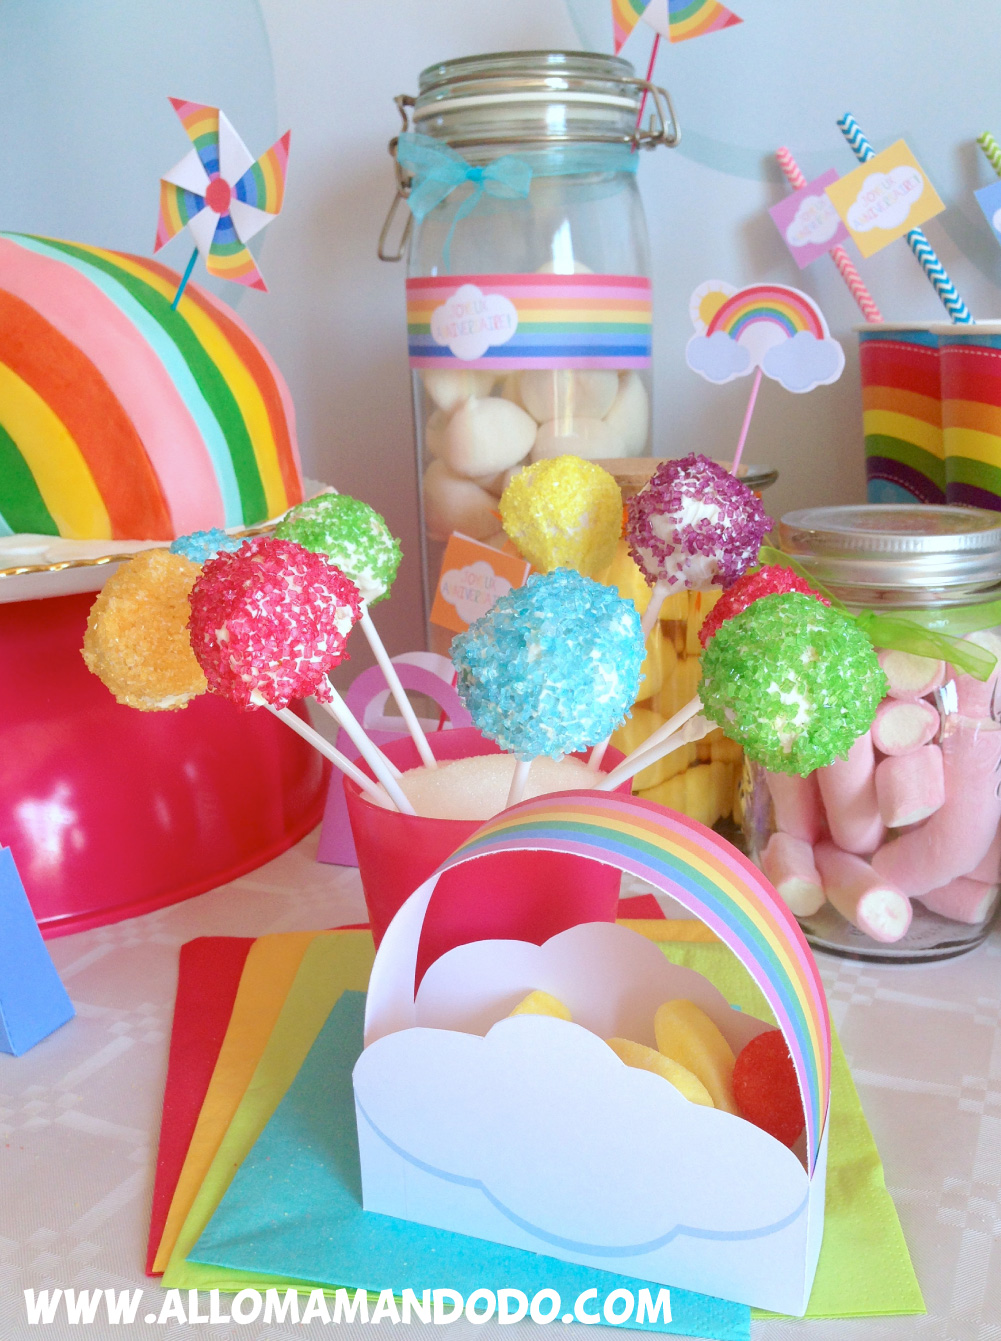 Recettes Pour Anniversaire Arc En Ciel Les Cake Pops Et